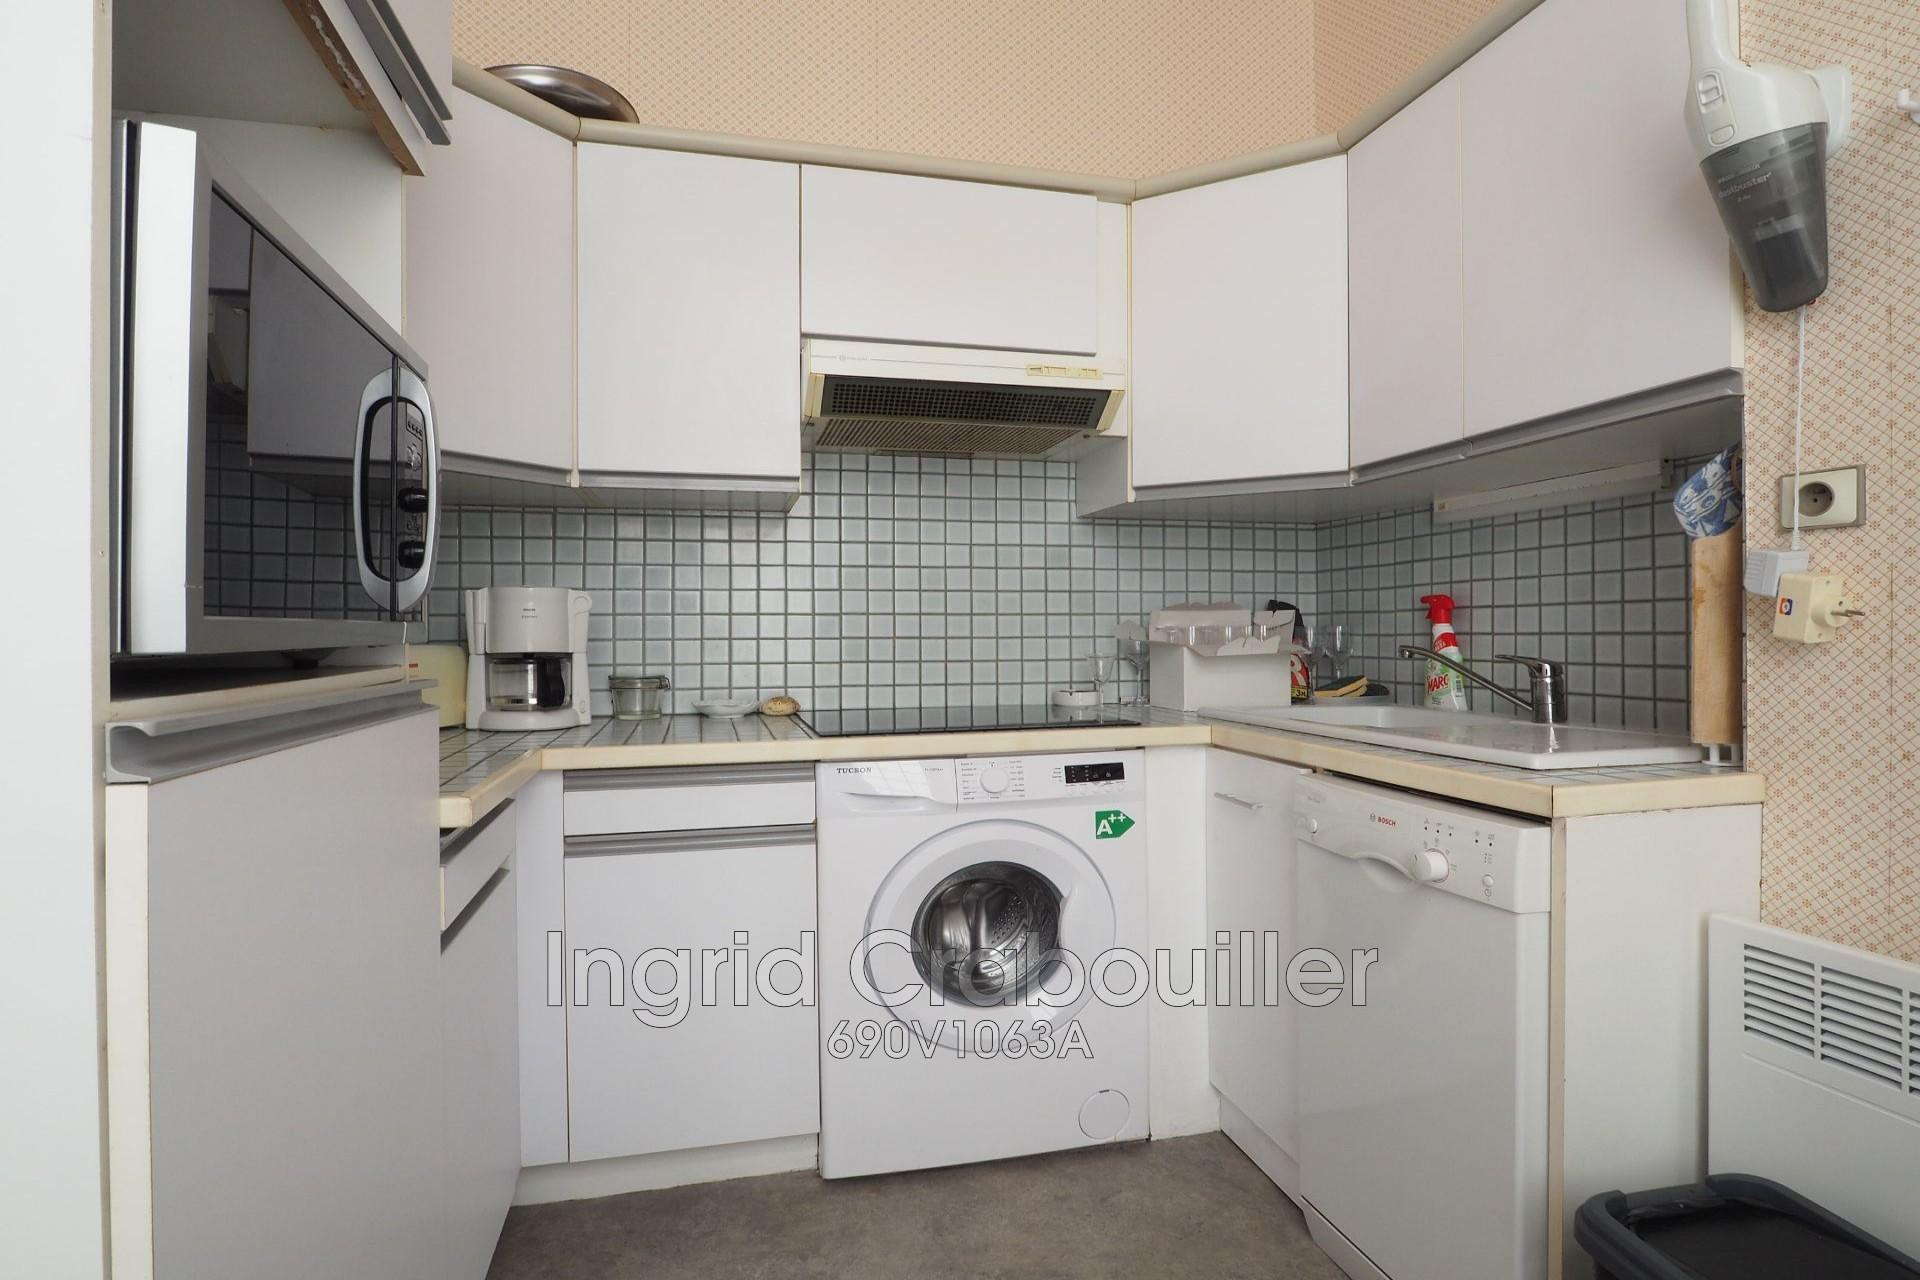 Vente appartement Royan - réf. 690V1063A